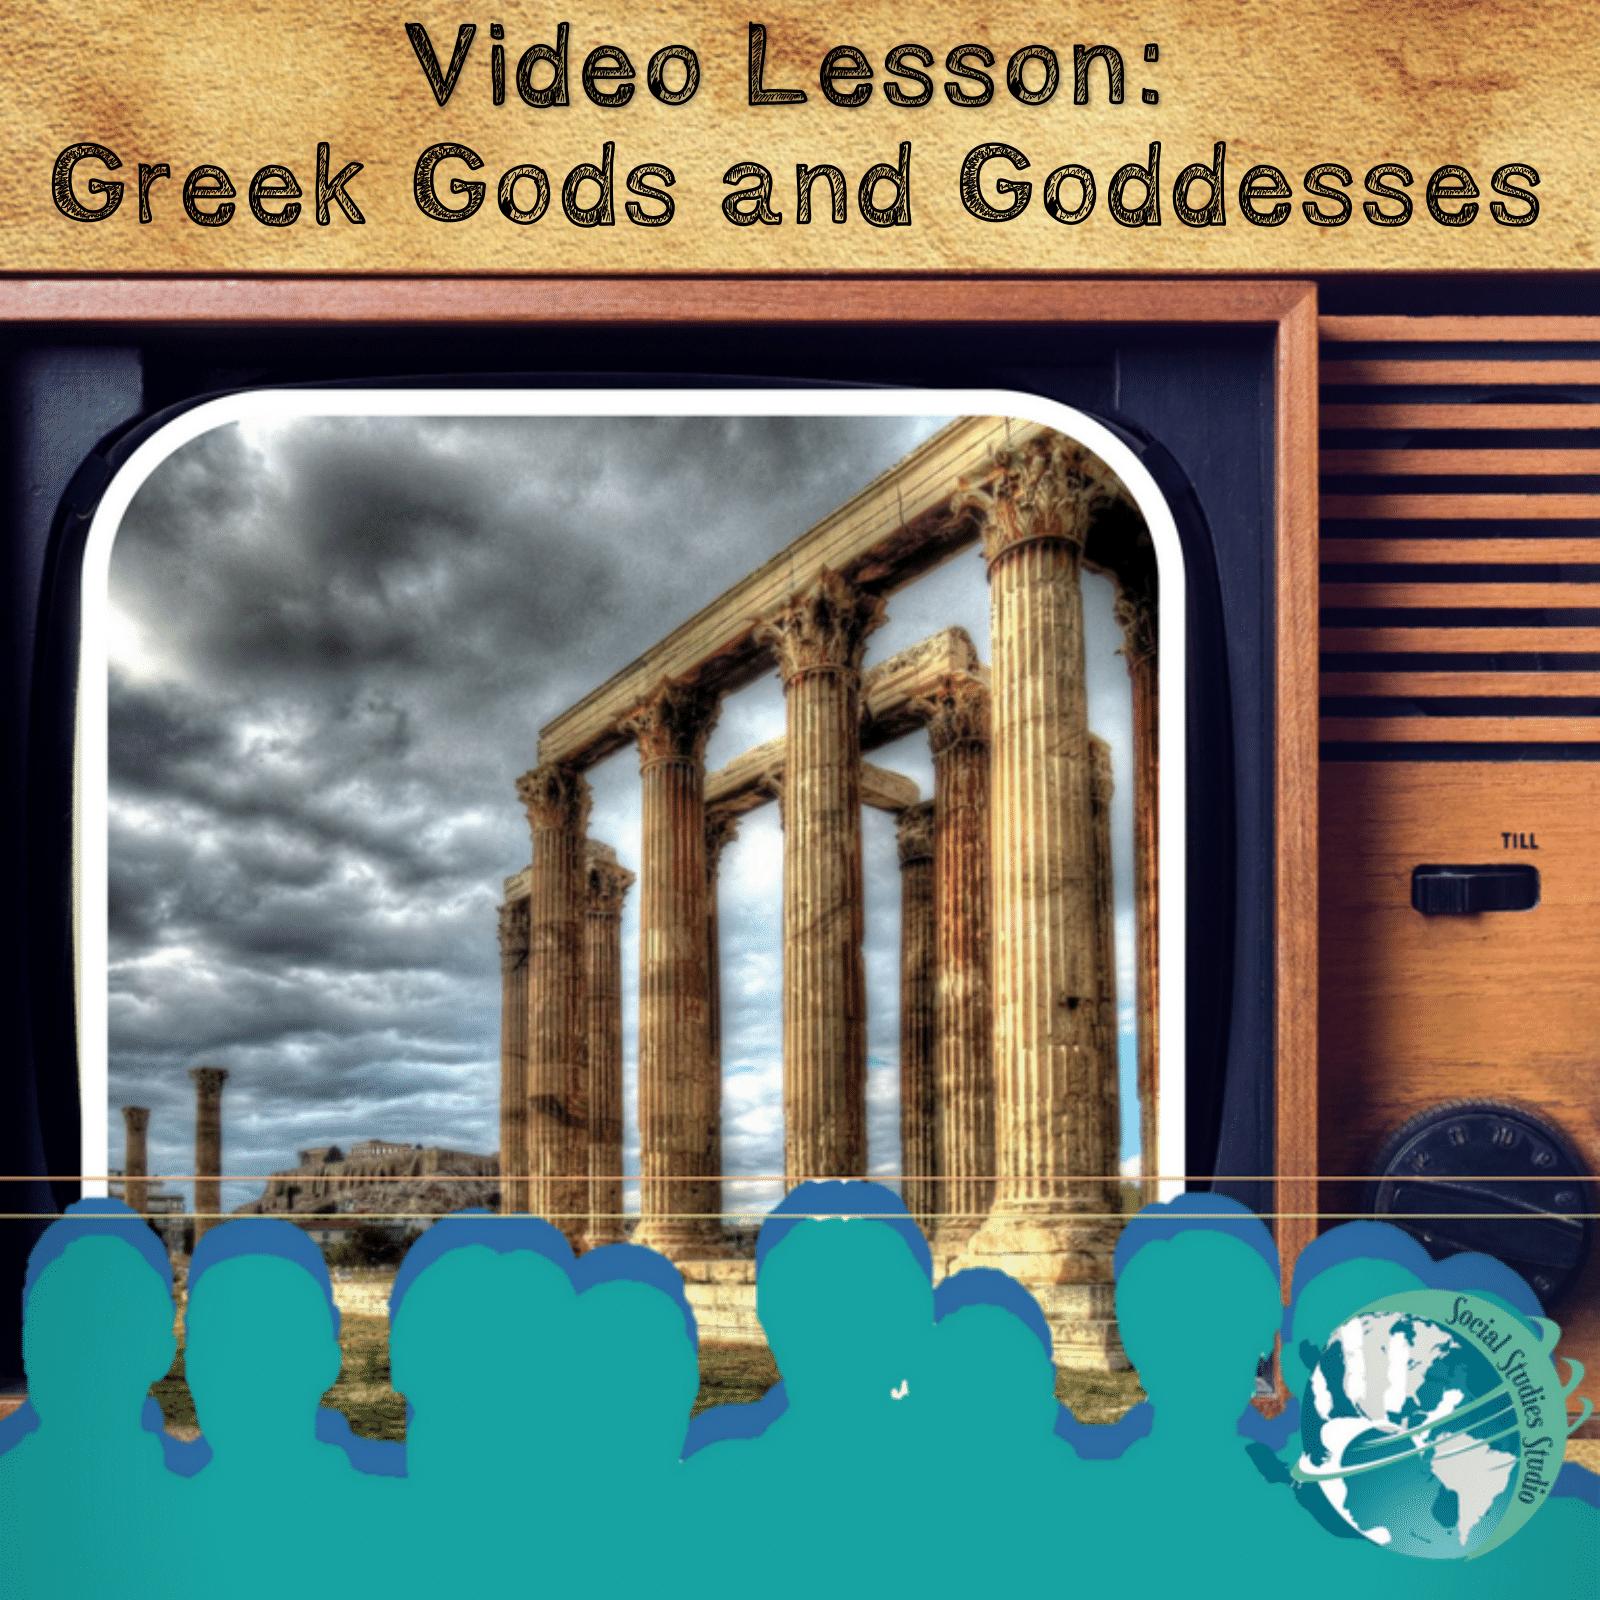 Video Lesson Greek Gods And Goddesses